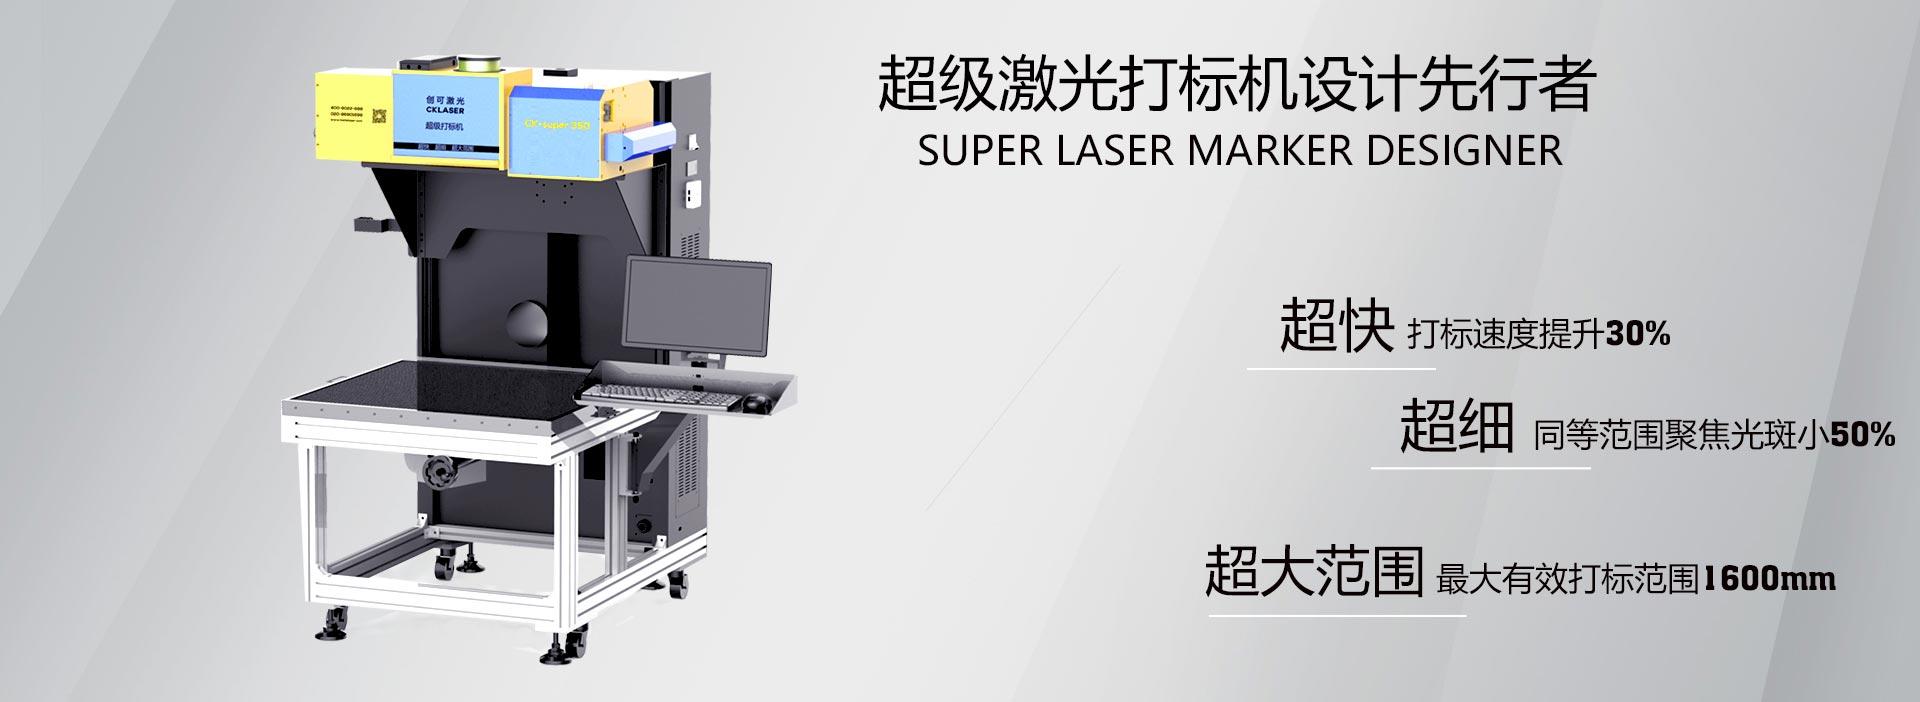 超級打標機-最新.jpg